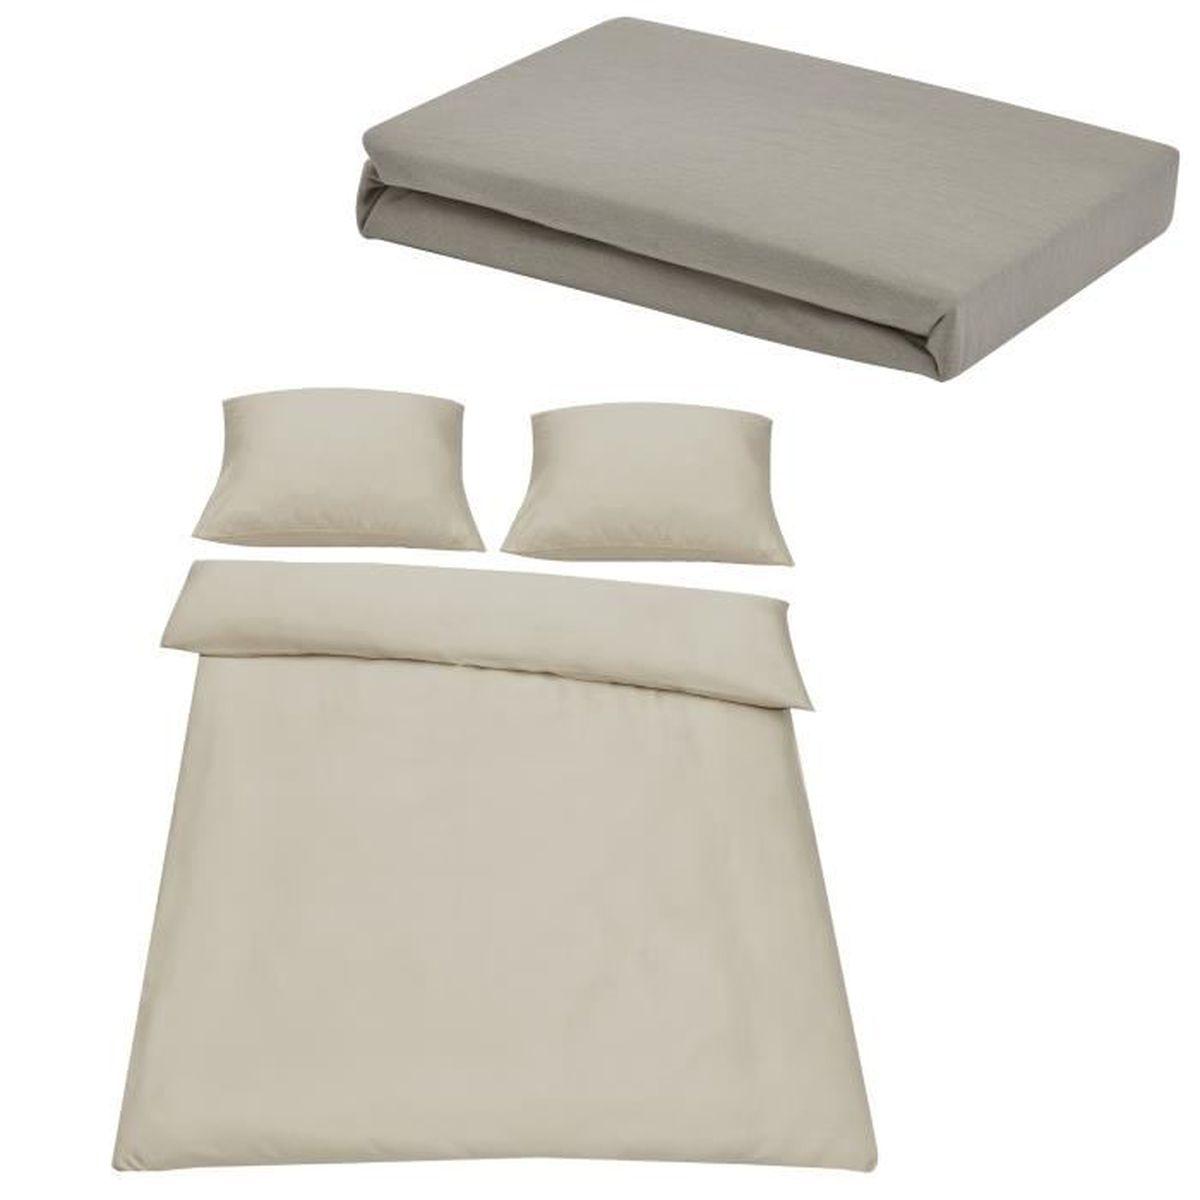 neu.haus® Drap-housse 180-200 x 210 cm bordeaux 100/% coton